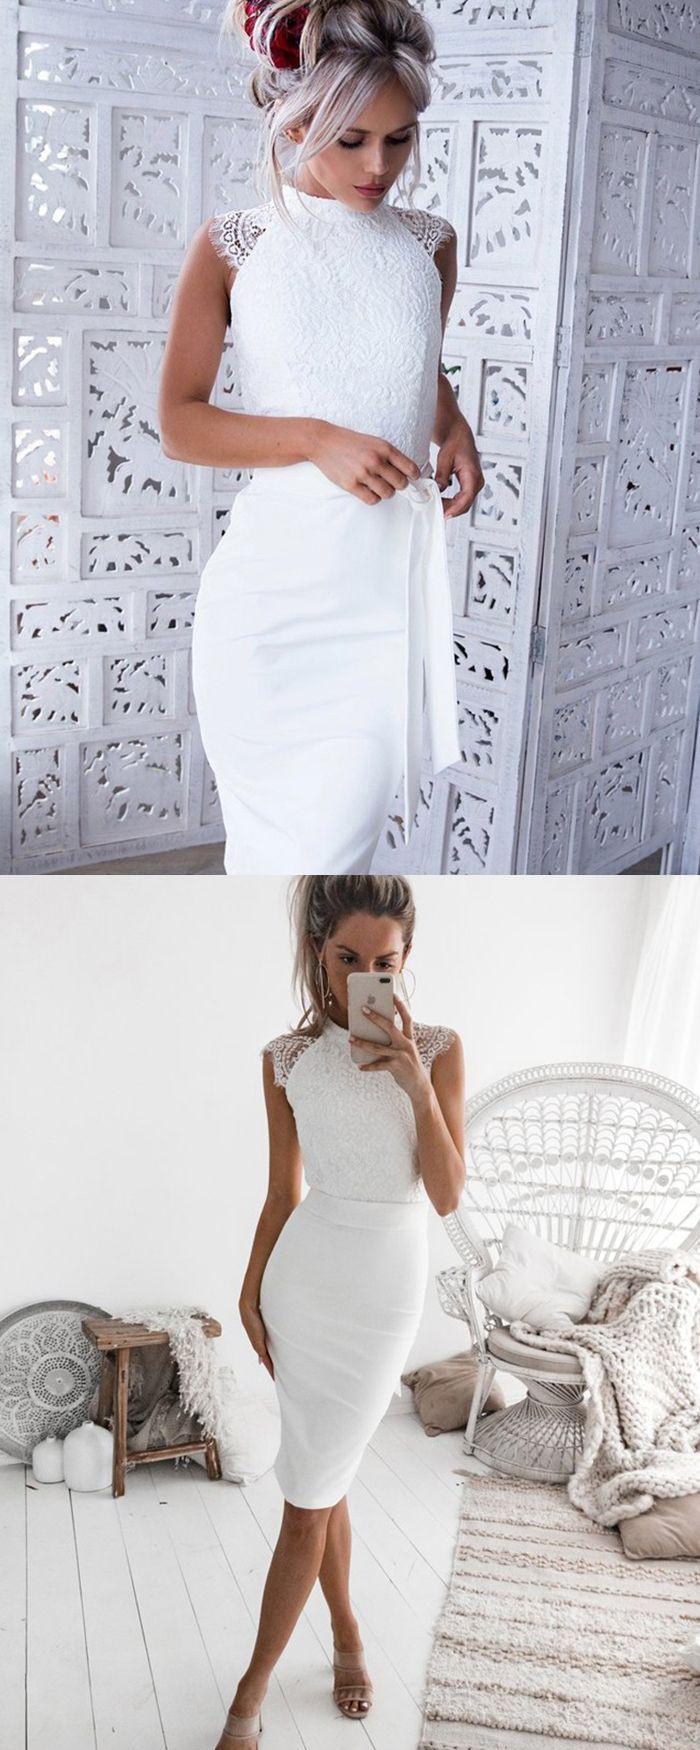 Designer Schön Kurze Weiße Kleider SpezialgebietDesigner Erstaunlich Kurze Weiße Kleider Boutique